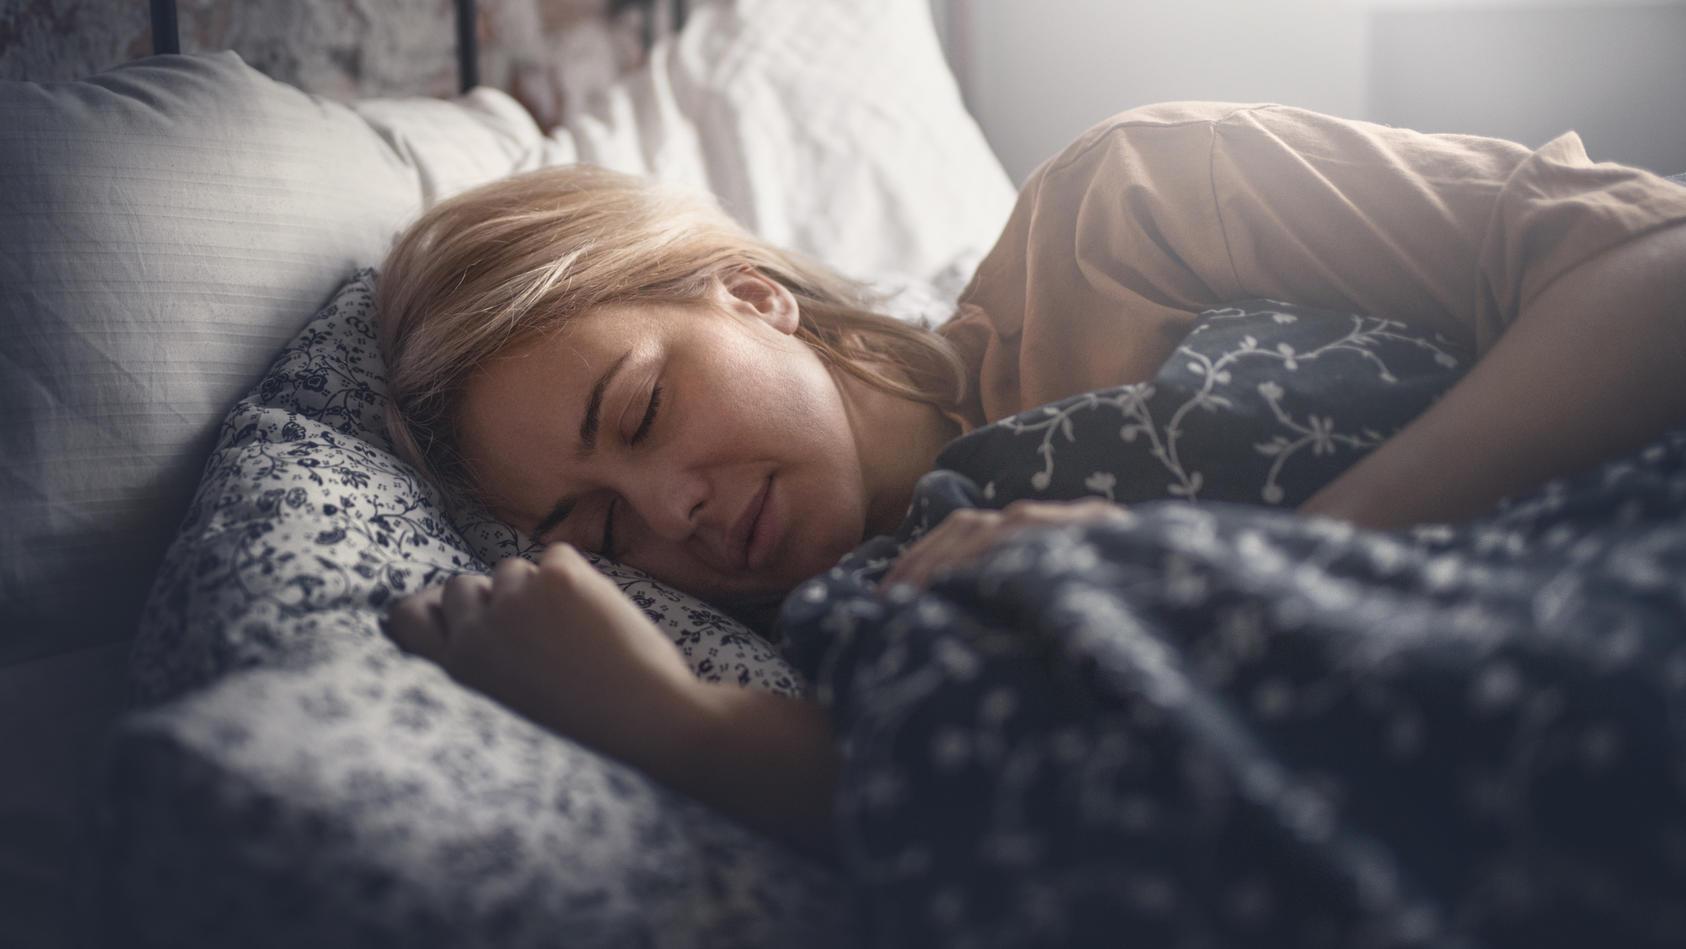 Laut einer neuen Studie nehmen Frauen zu, wenn sie bei Licht schlafen.